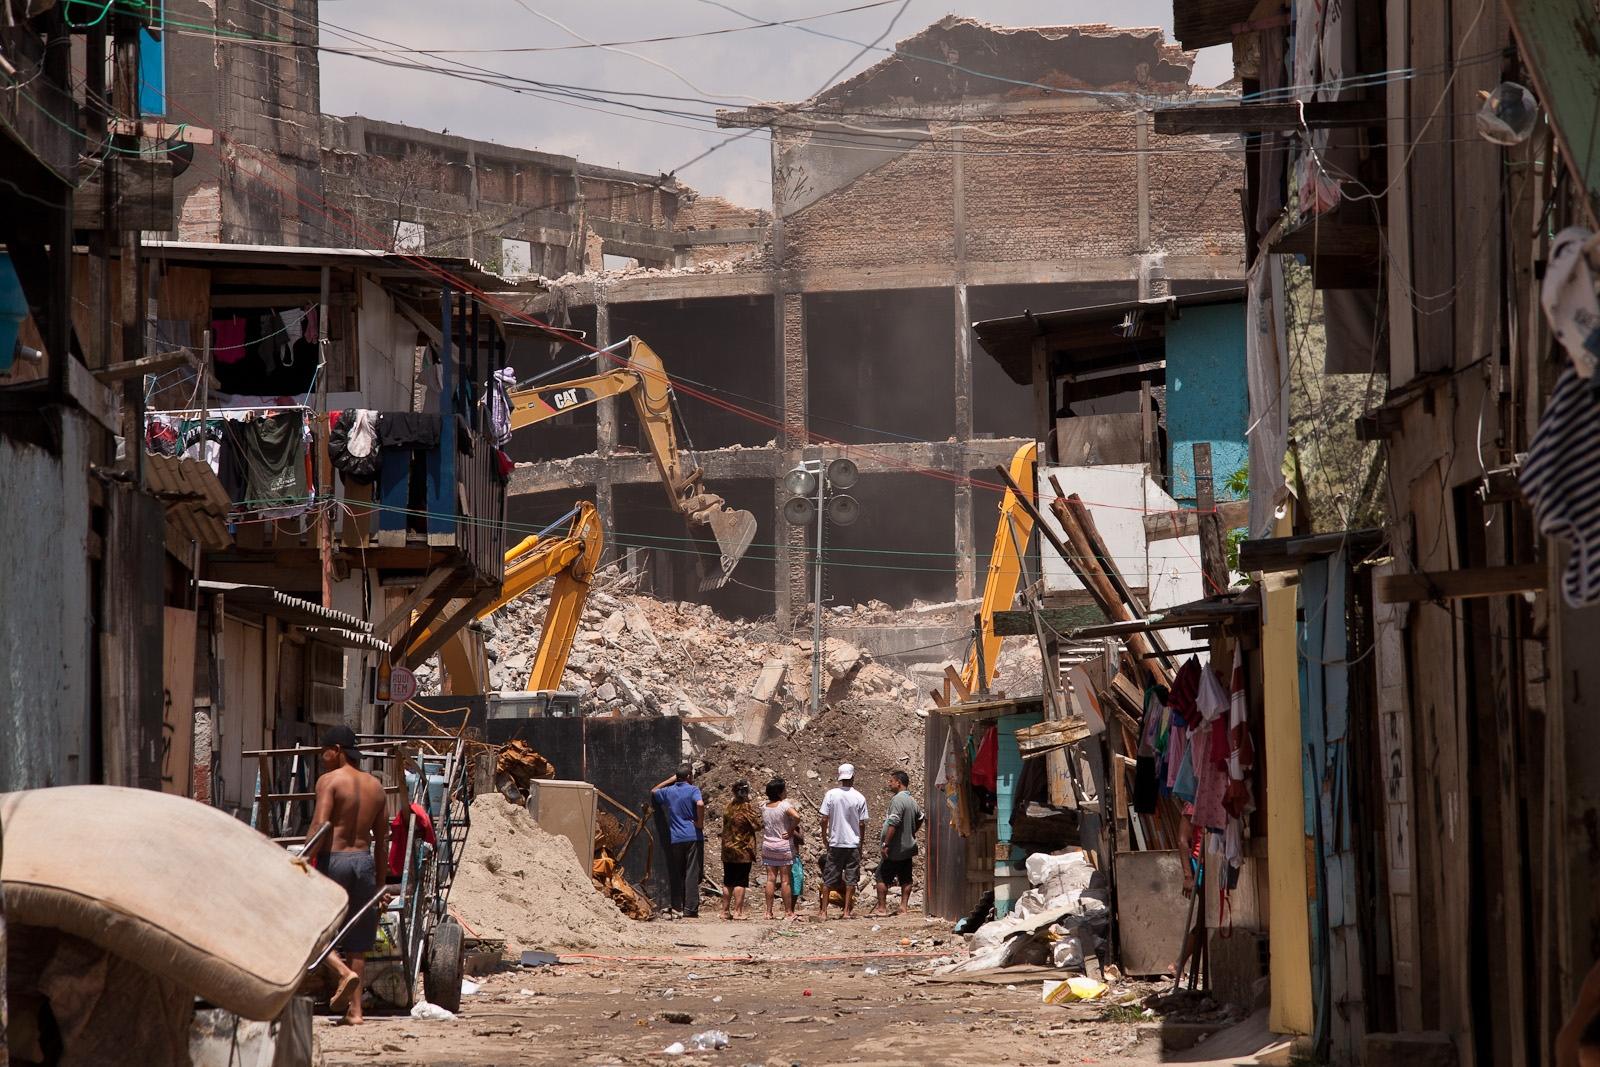 Máquinas fazem demolição de estrutura danificada após incêndio na favela do Moinho / Bulldozers do demolition of damaged structure after fire in the Moinho favela